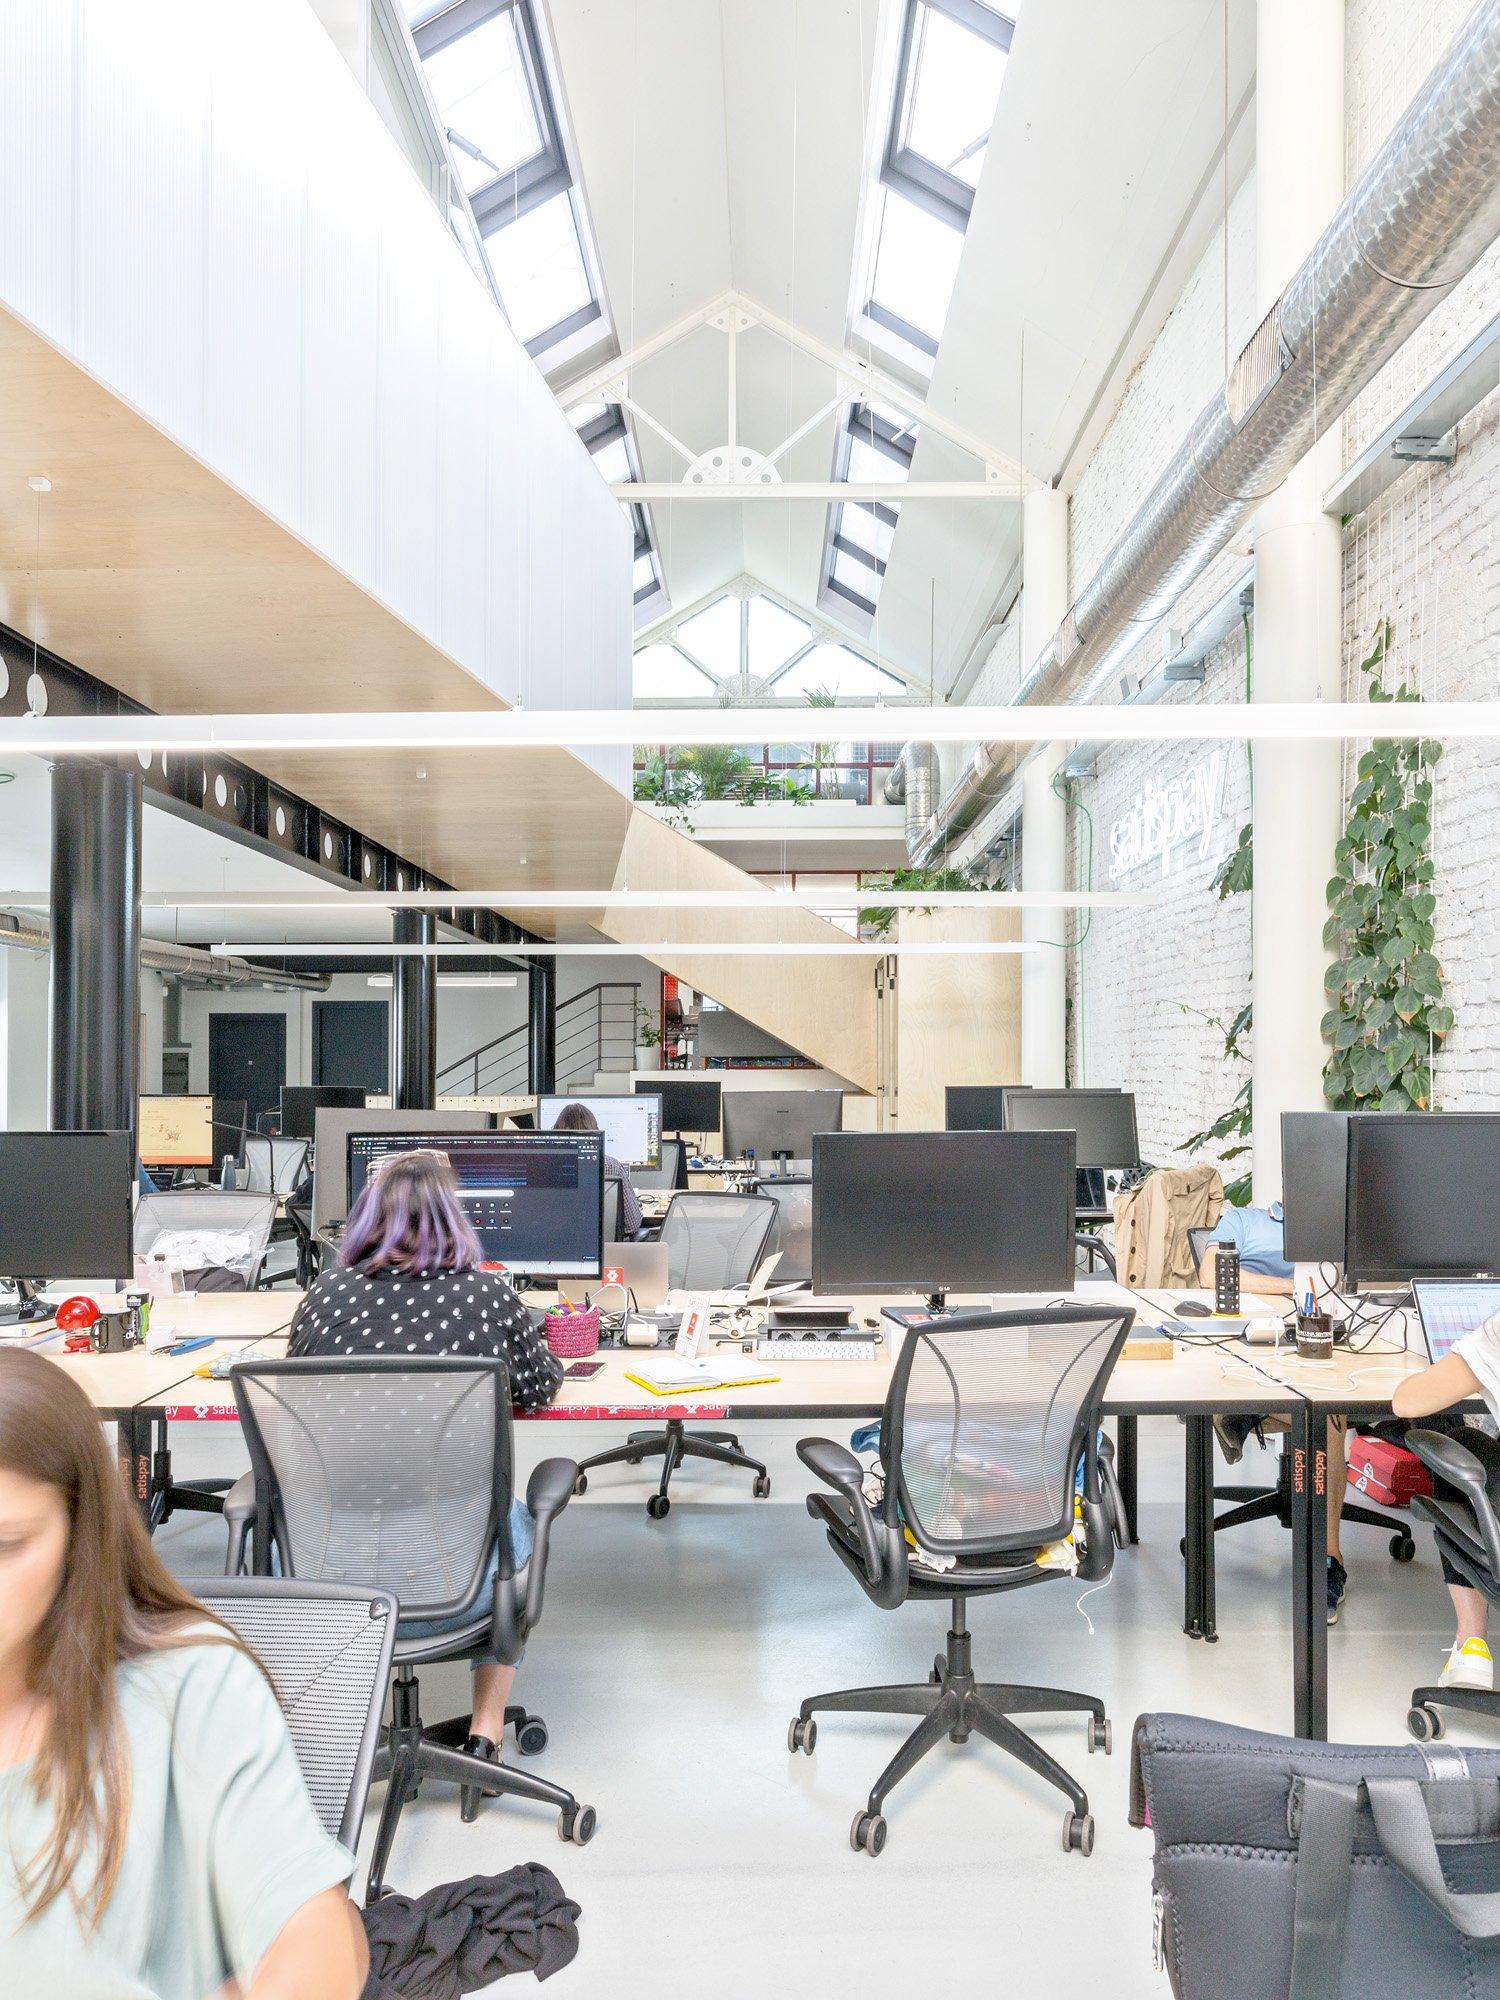 © Beppe Giardino, courtesy Balance Architettura Il fulcro del progetto è l'area marketing, che si trova nella porzione di fabbricato a doppia altezza,  con capriate metalliche e illuminazione zenitale.